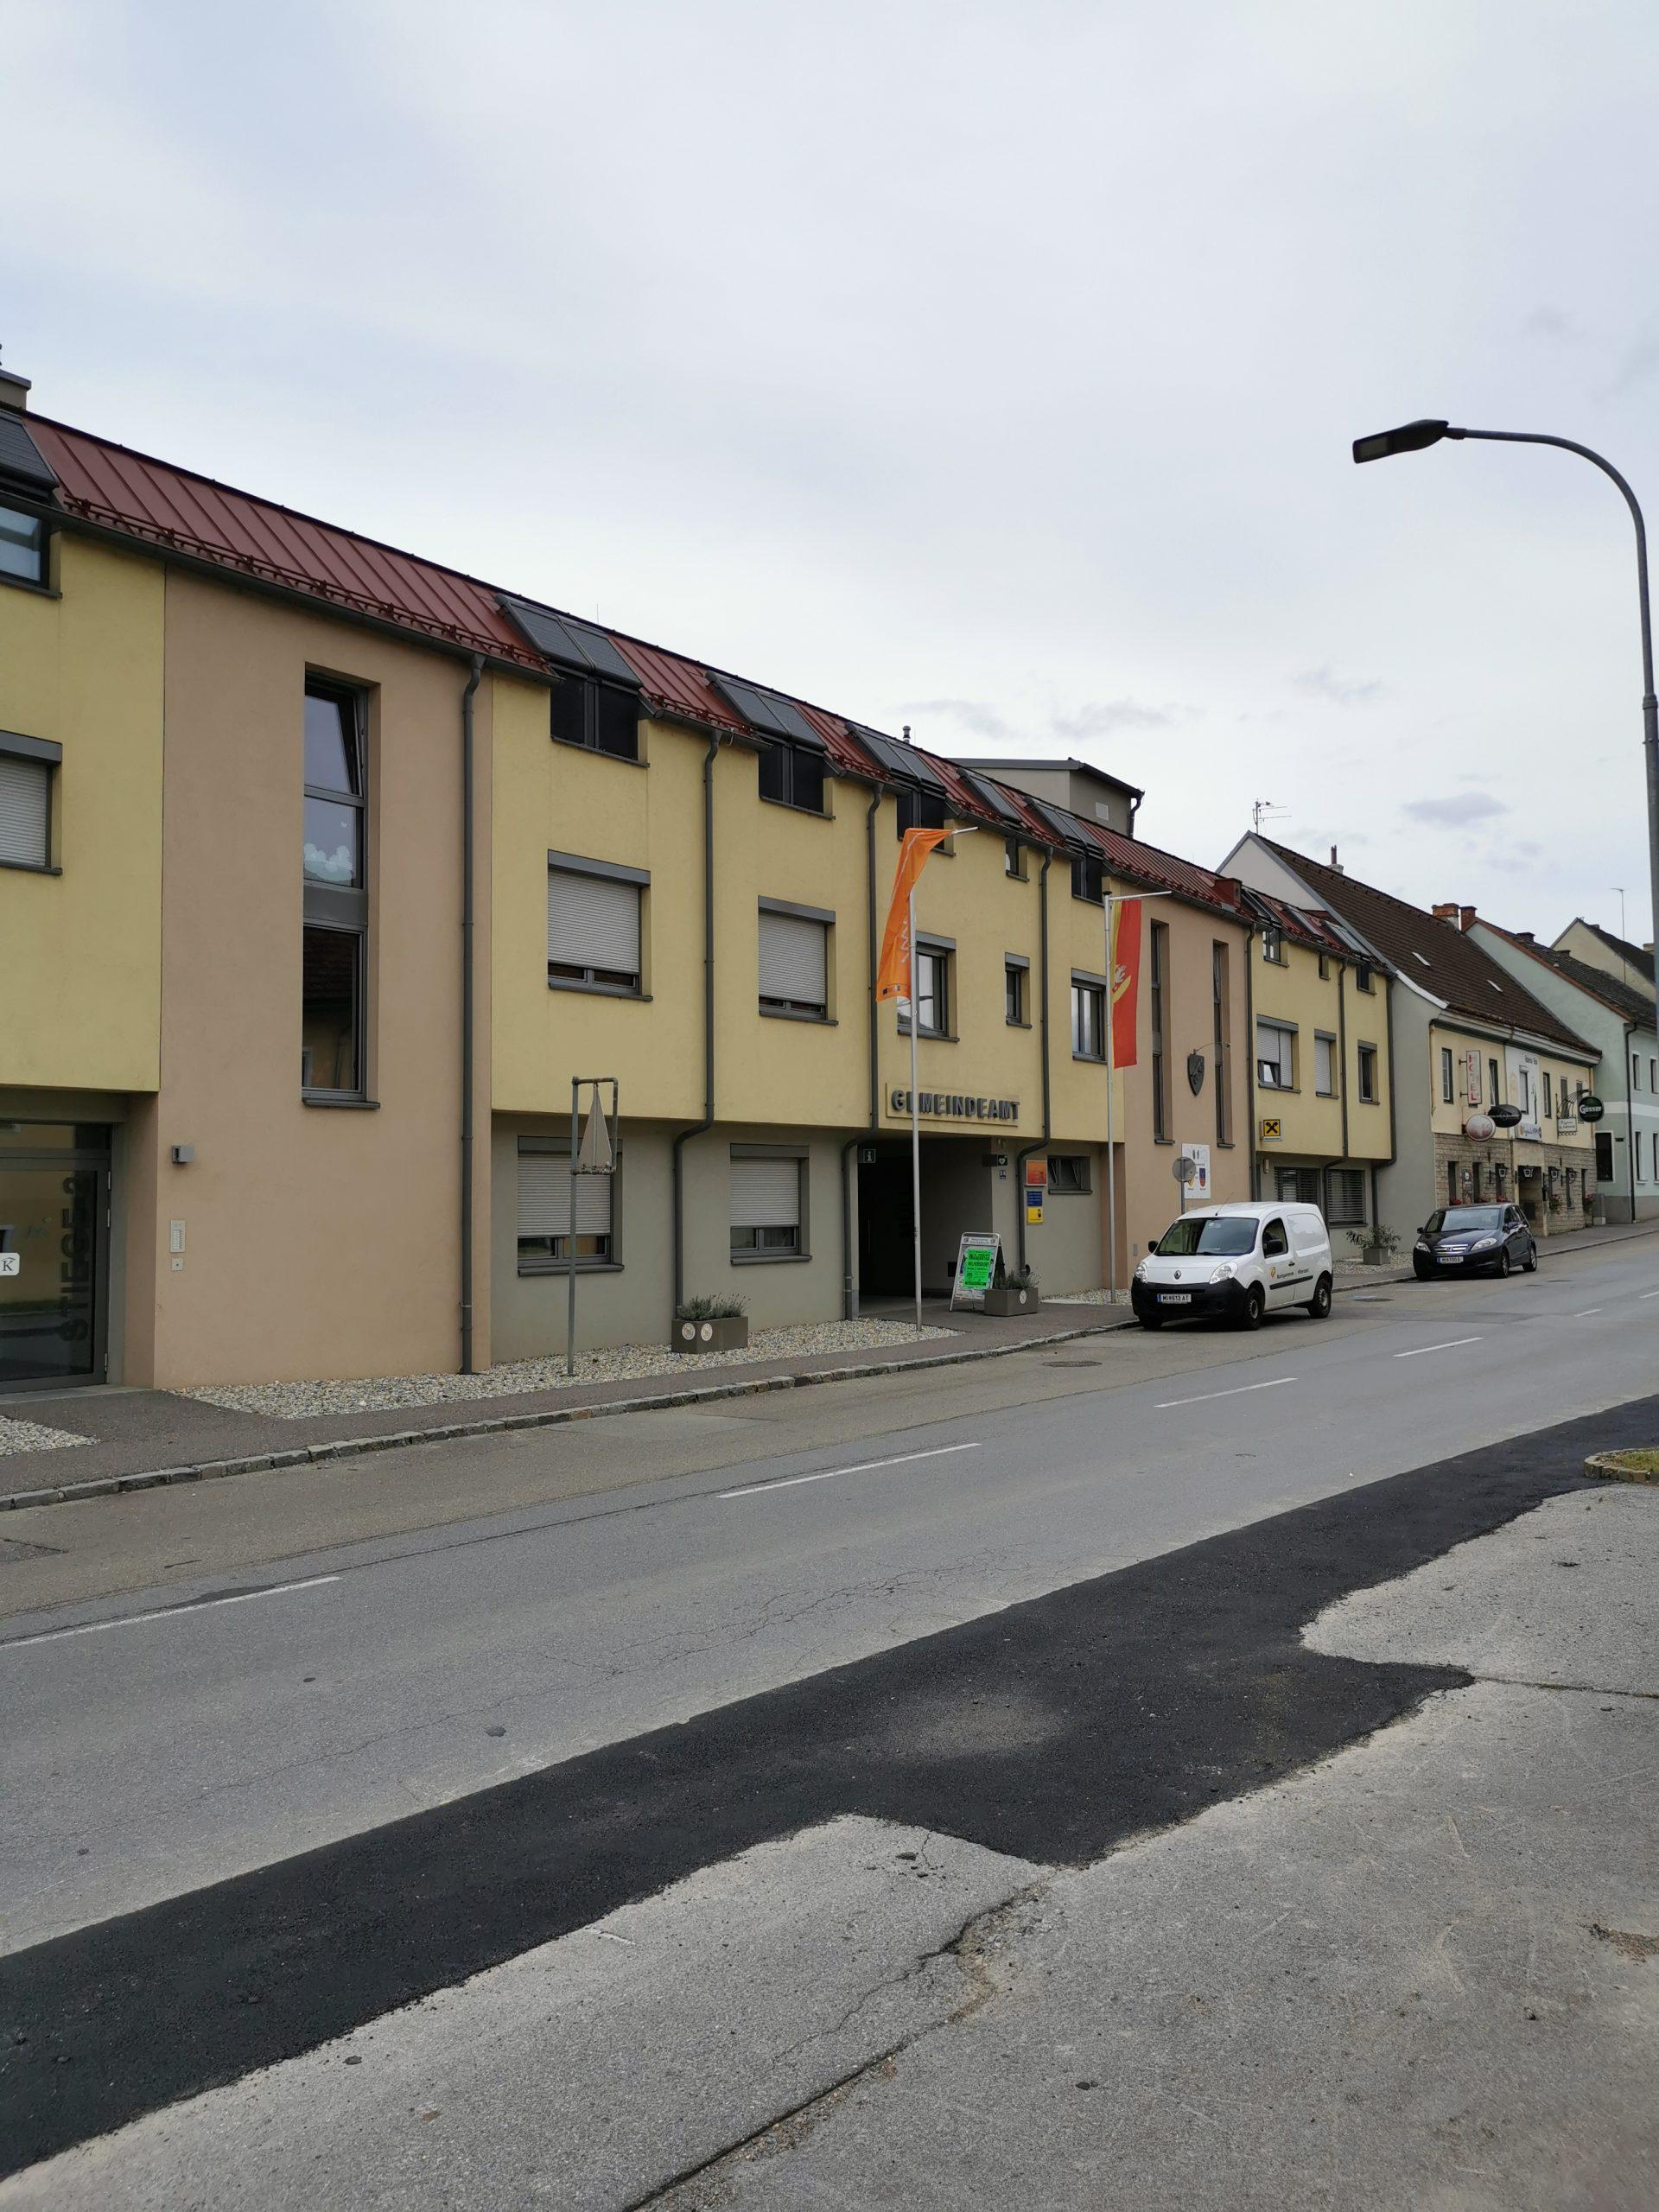 Immobilie von Kamptal in 2193 Wilfersdorf, Mistelbach, Wilfersdorf II - Top 204 #0